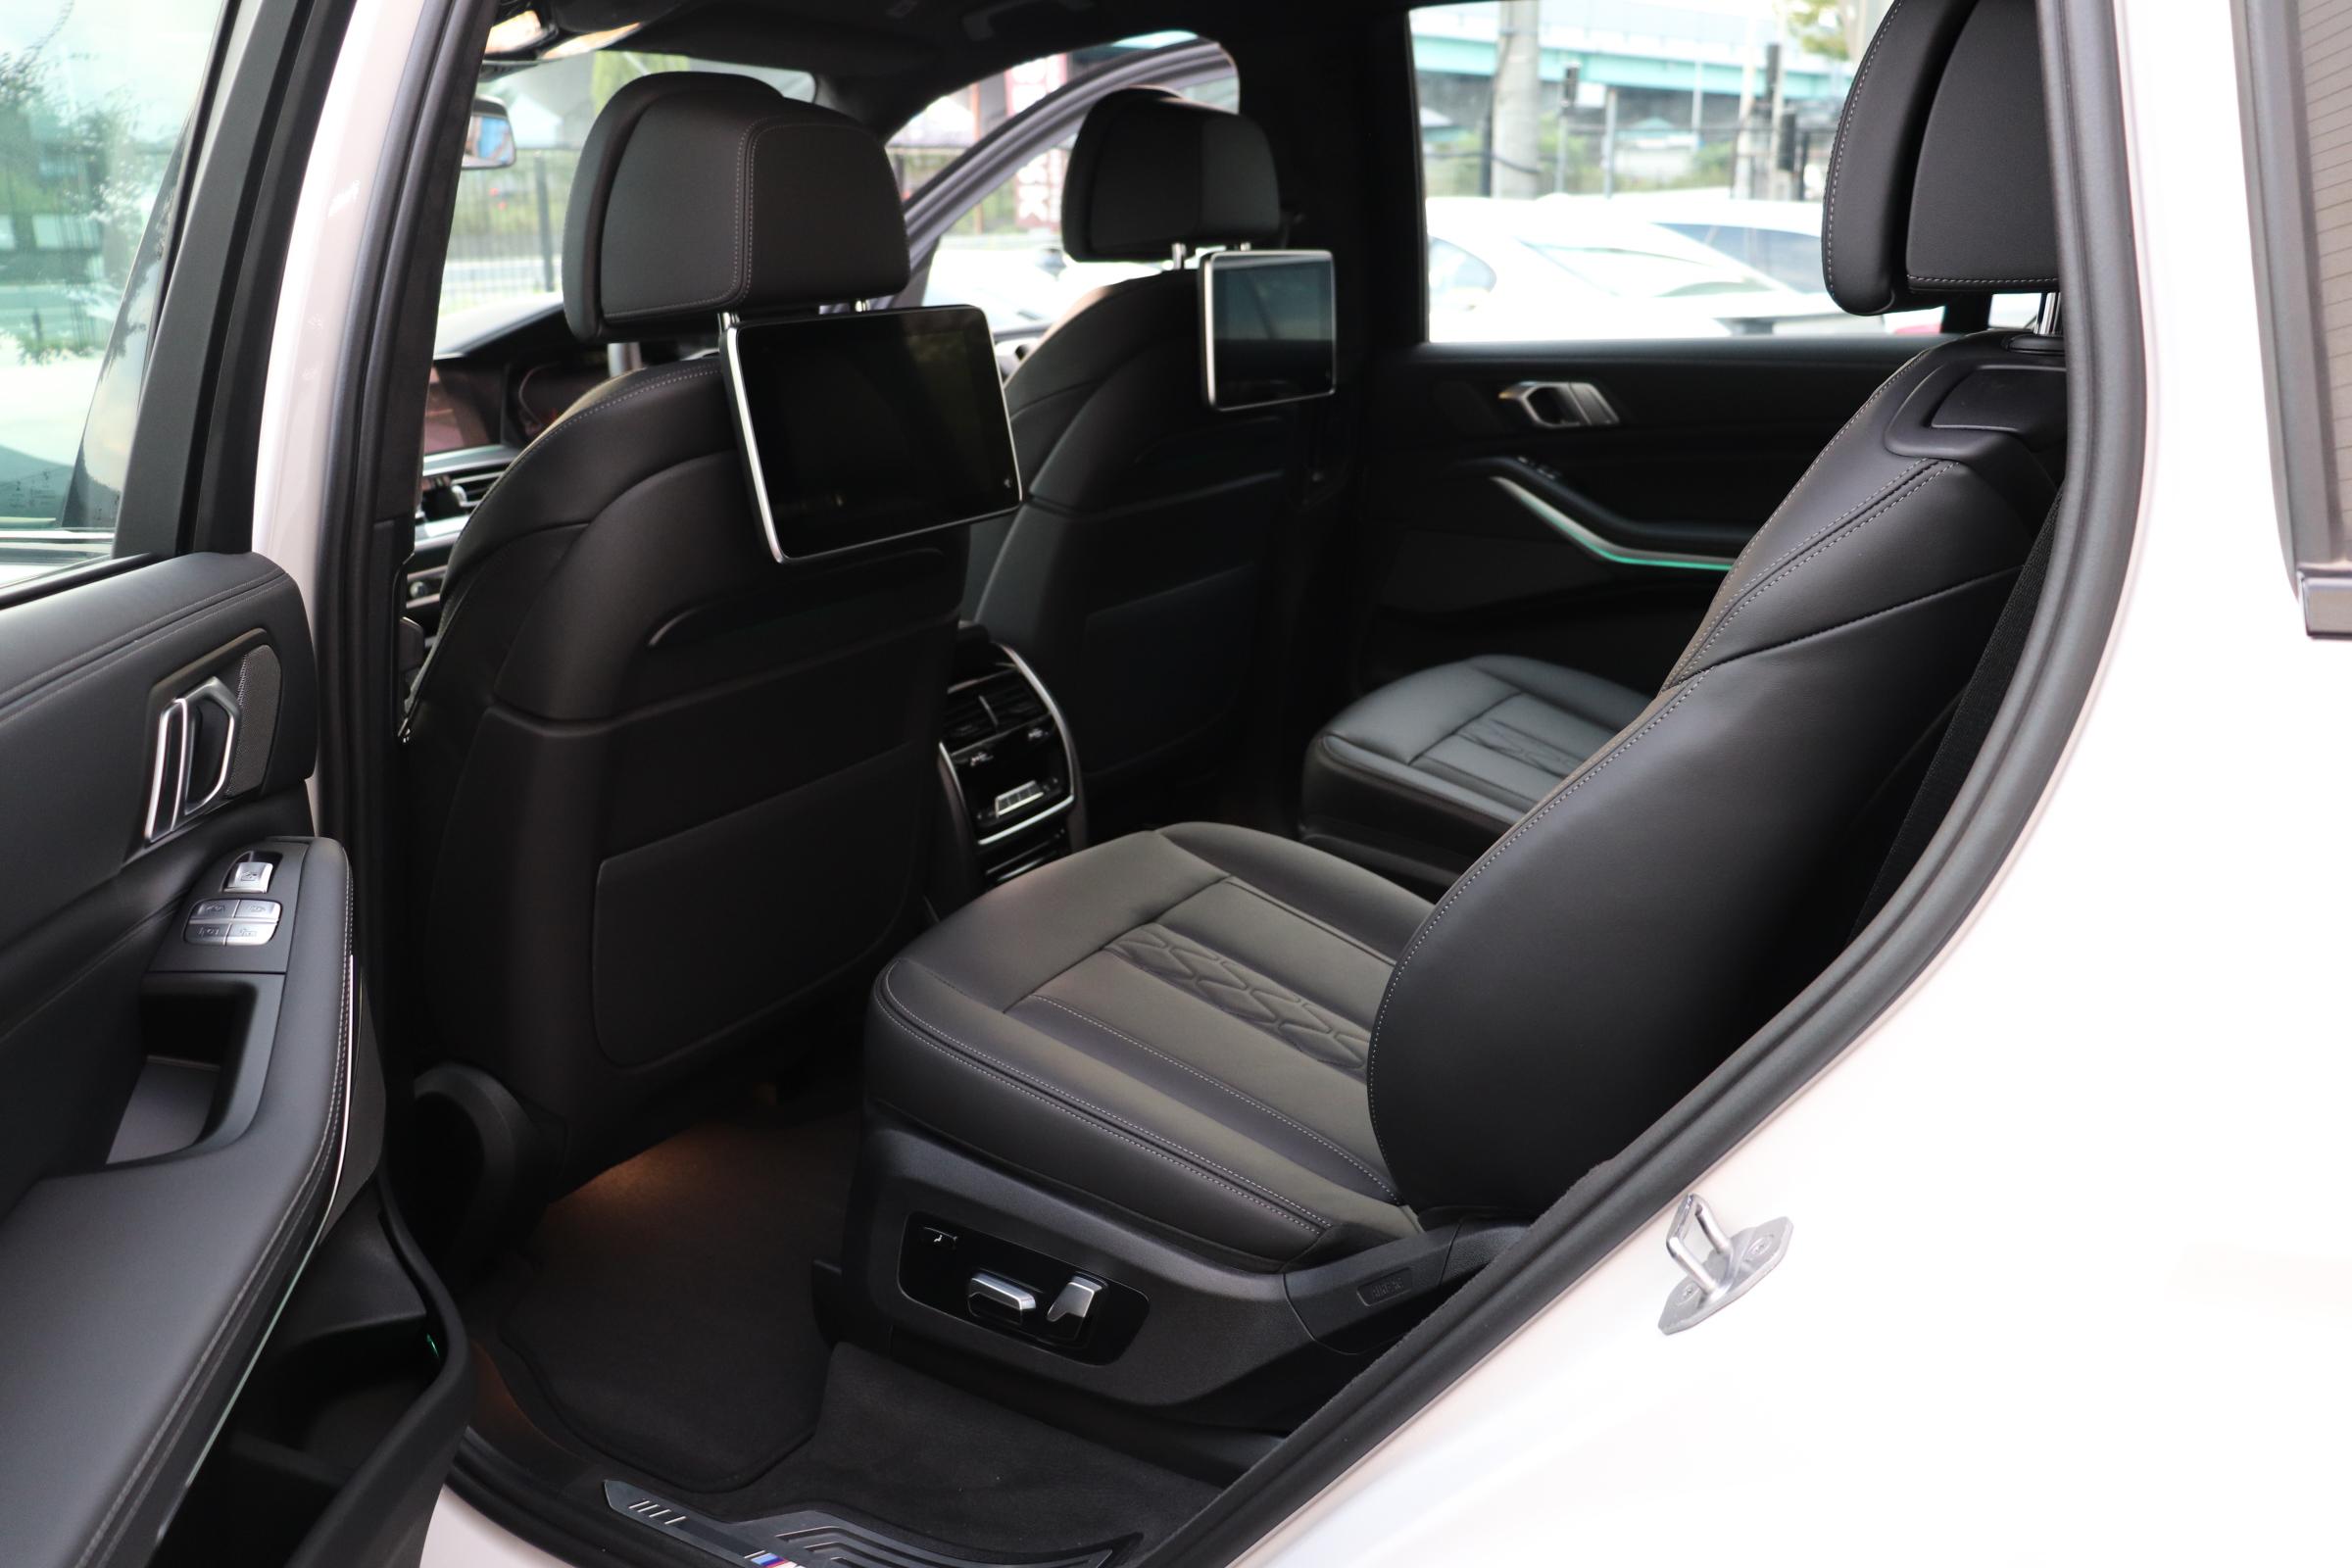 X7 xDrive35d Mスポーツ ウェルネスP スカイラウンジSR リアエンタメ車両画像13